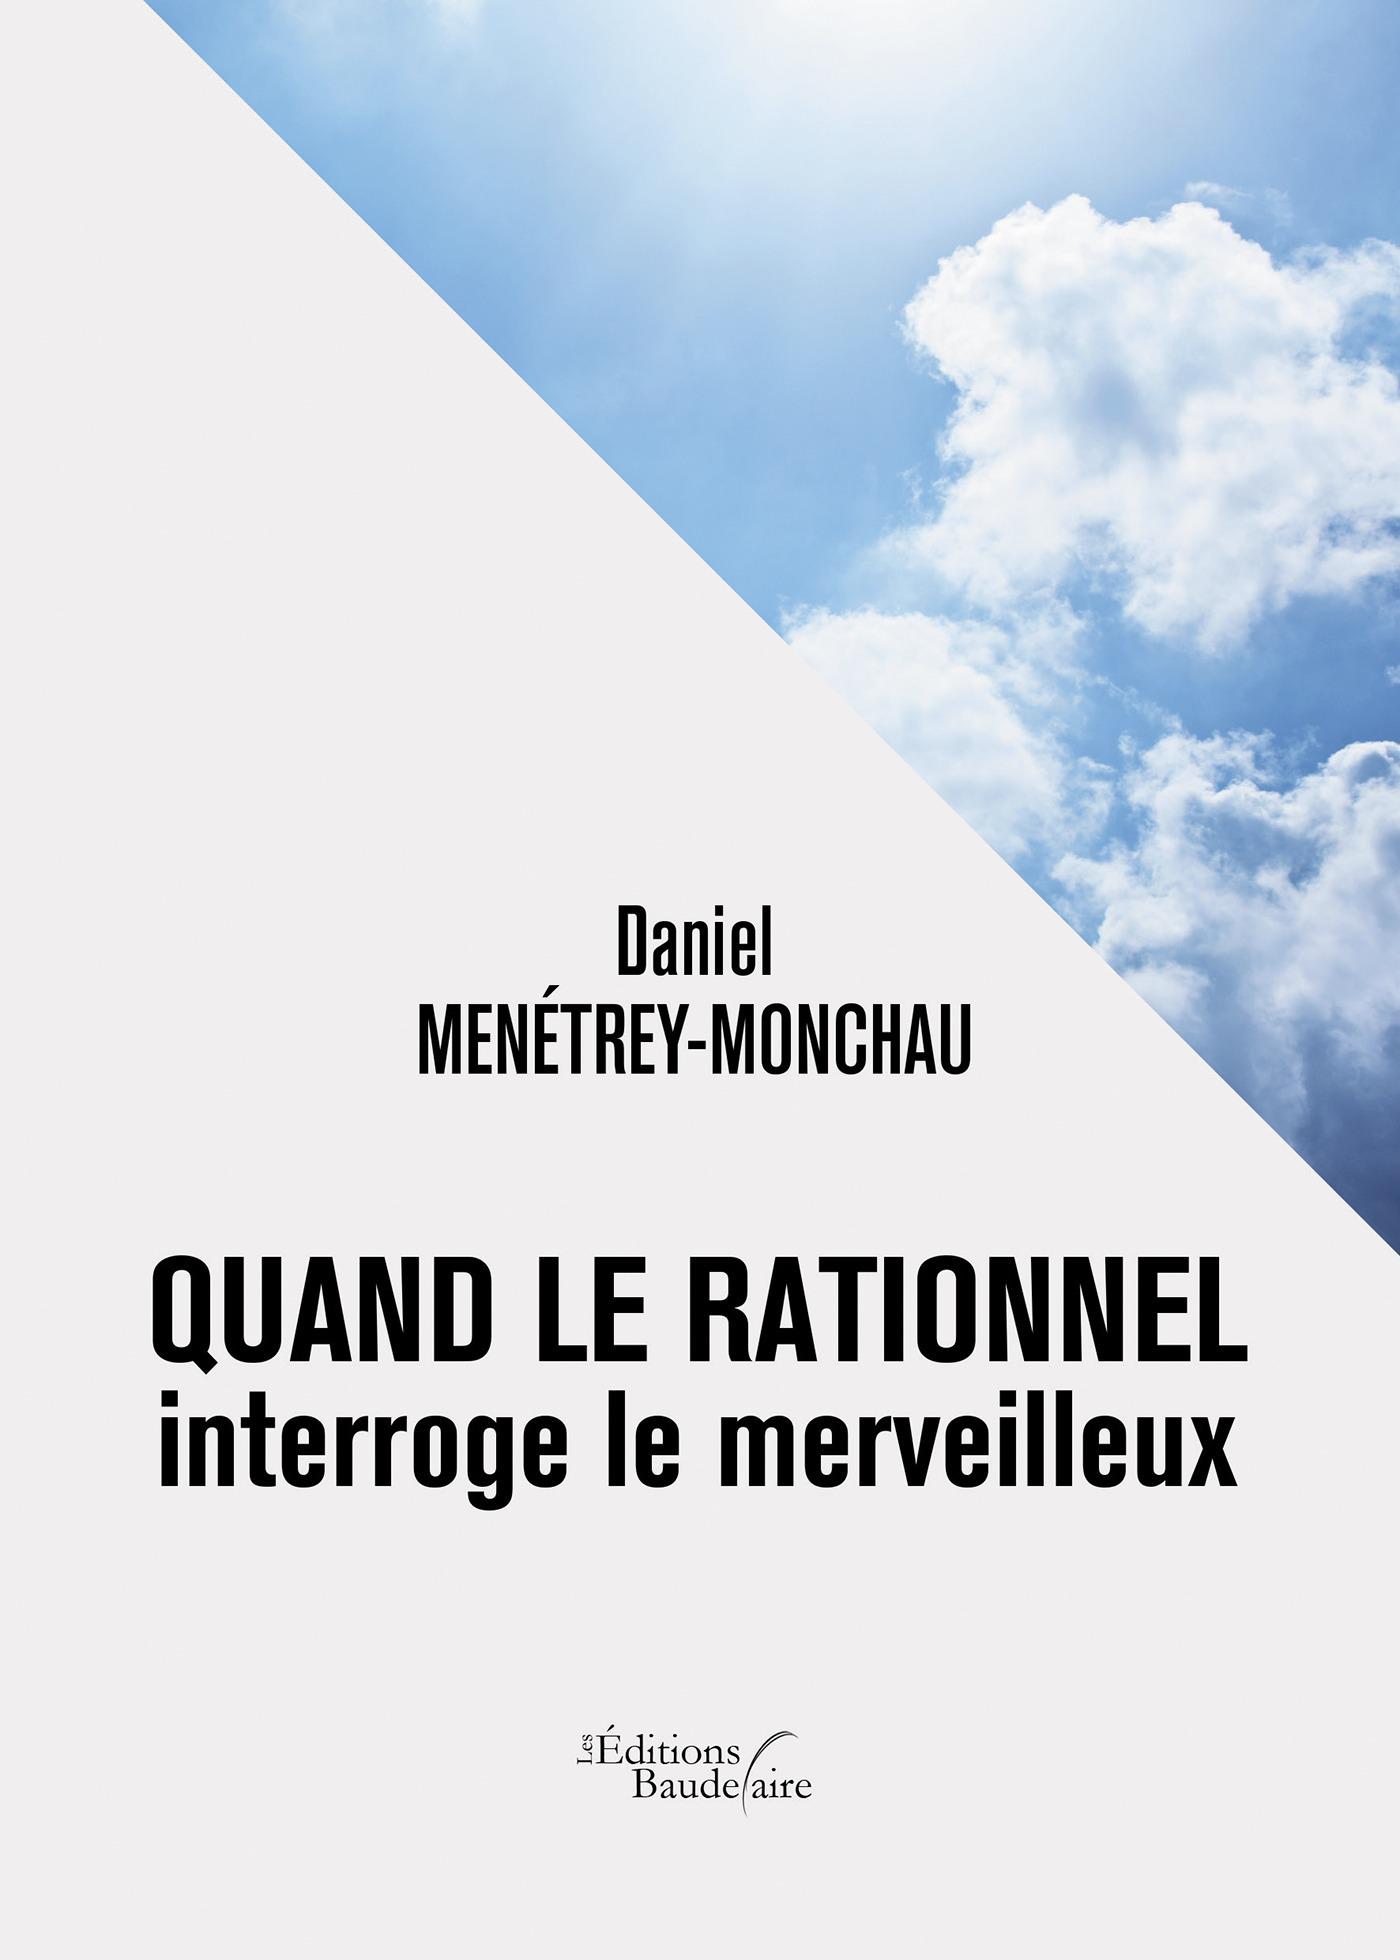 Daniel Menétrey-Monchau Quand le rationnel interroge le merveilleux